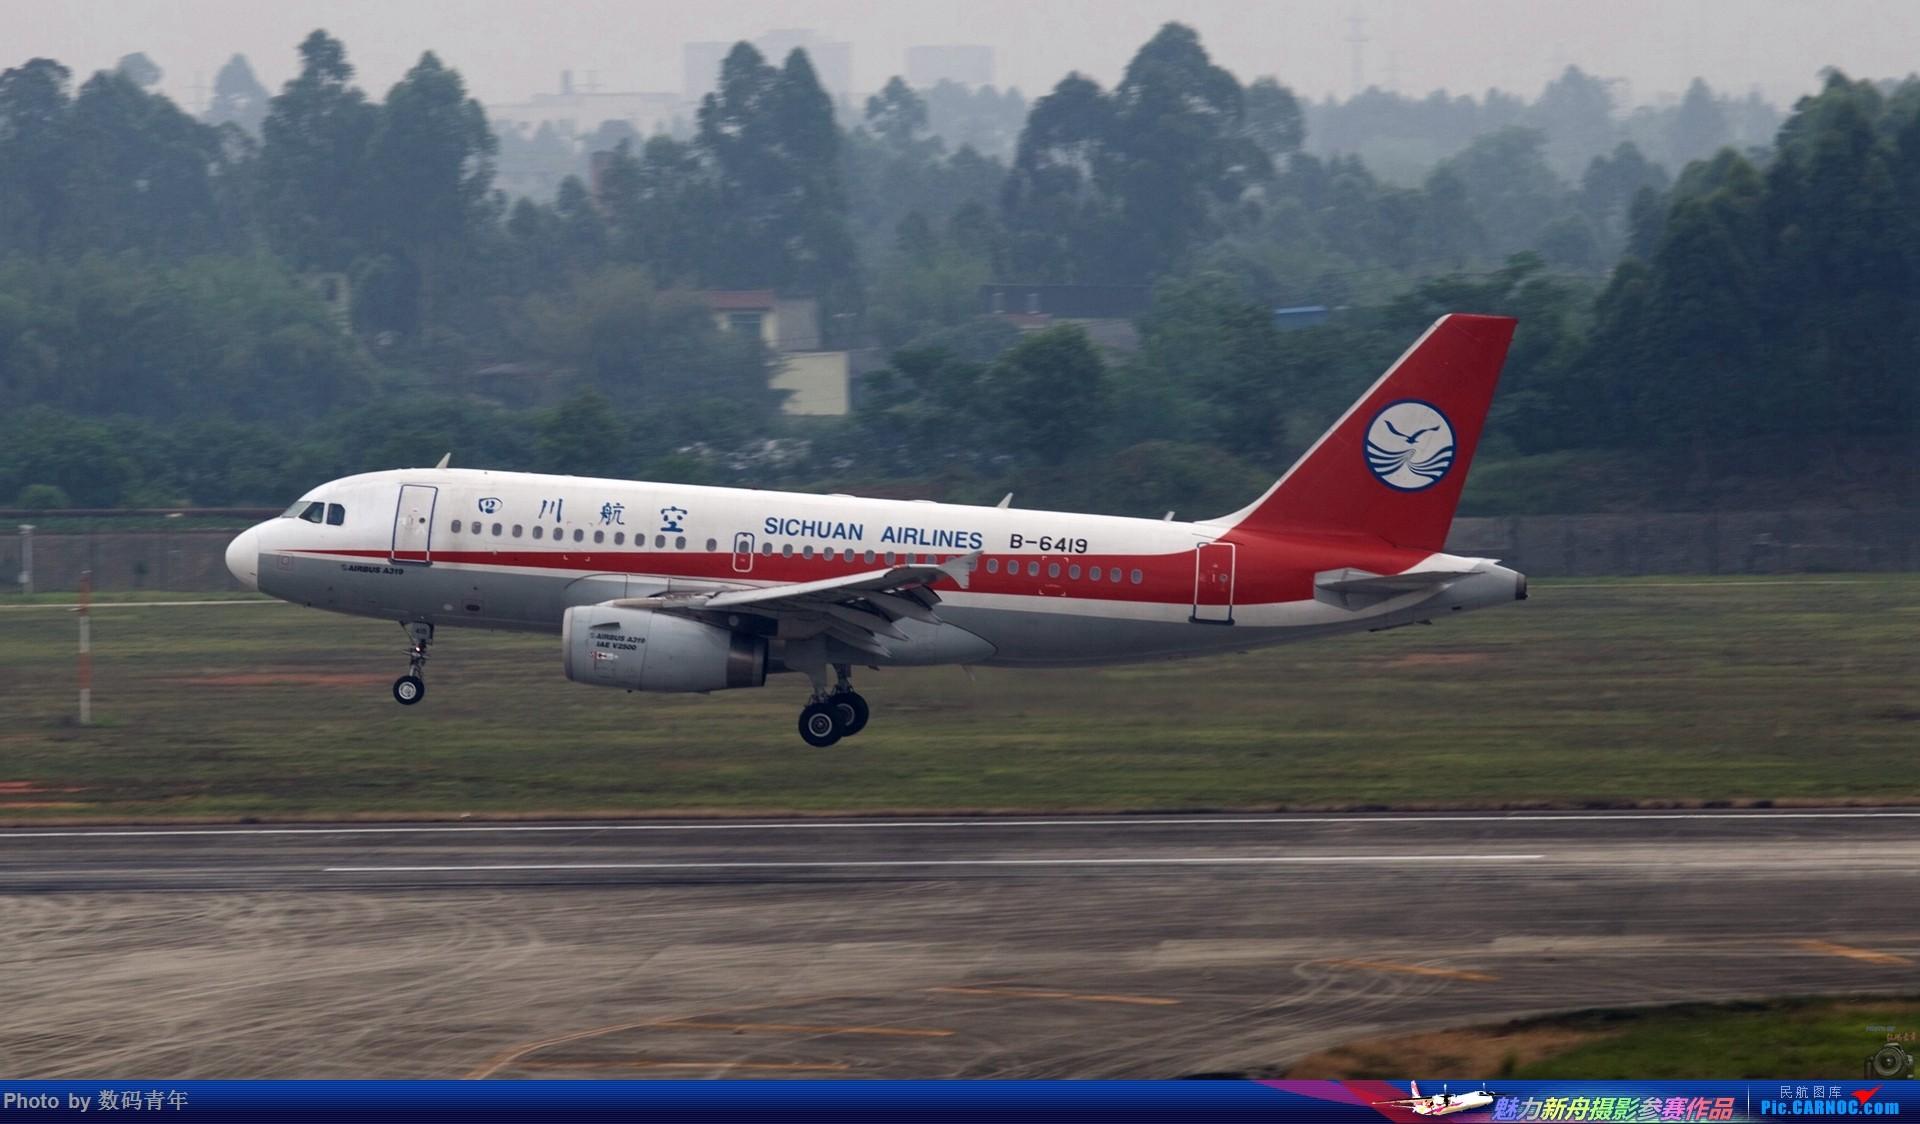 Re:[原创]重出江湖【CTU】2015.5.17打飞机 AIRBUS A319-100 B-6419 中国成都双流国际机场